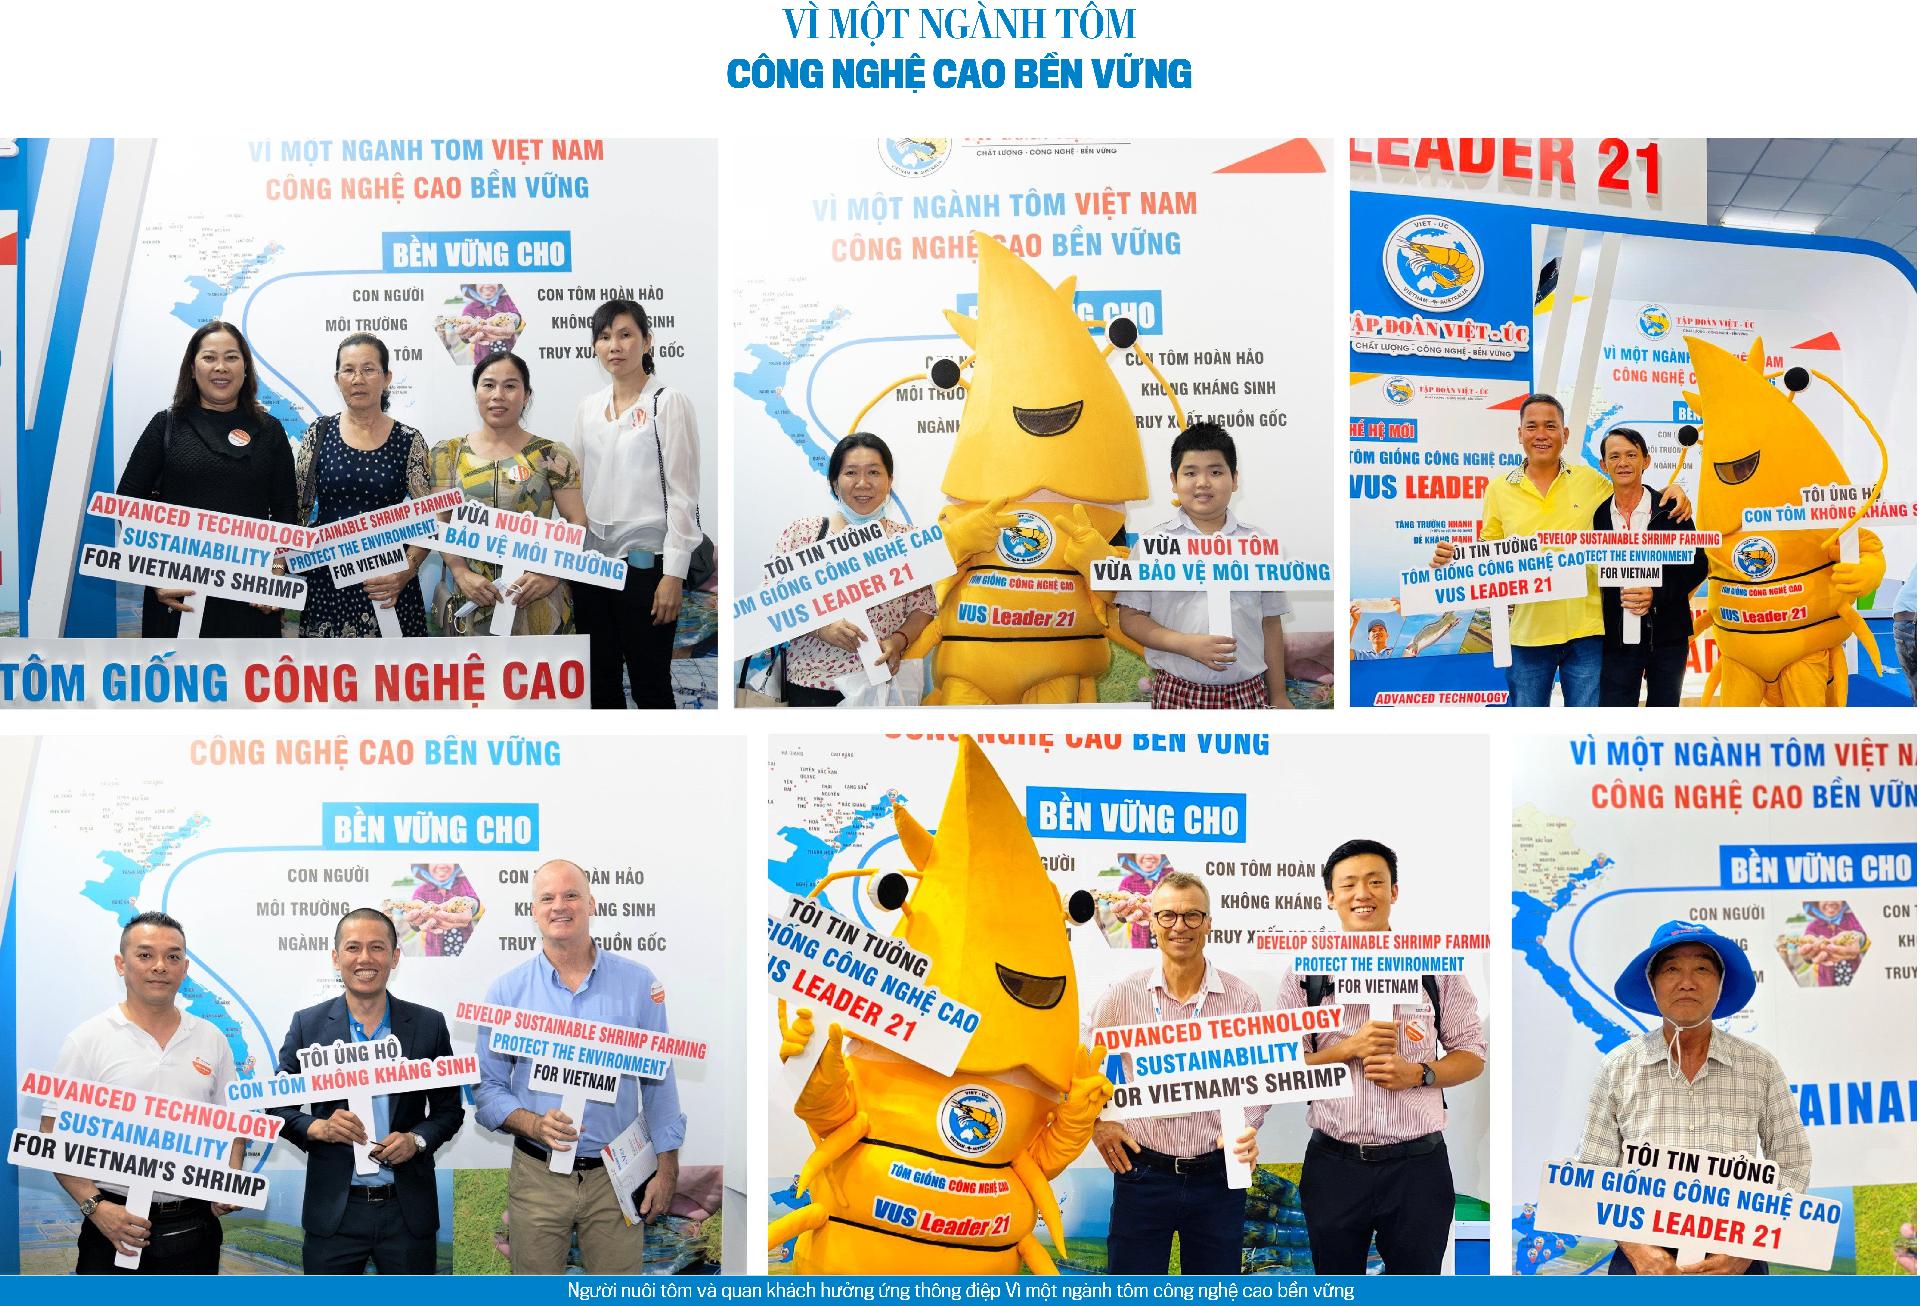 Tập đoàn Việt Úc: 20 năm phát triển ngành tôm công nghệ cao - Ảnh 4